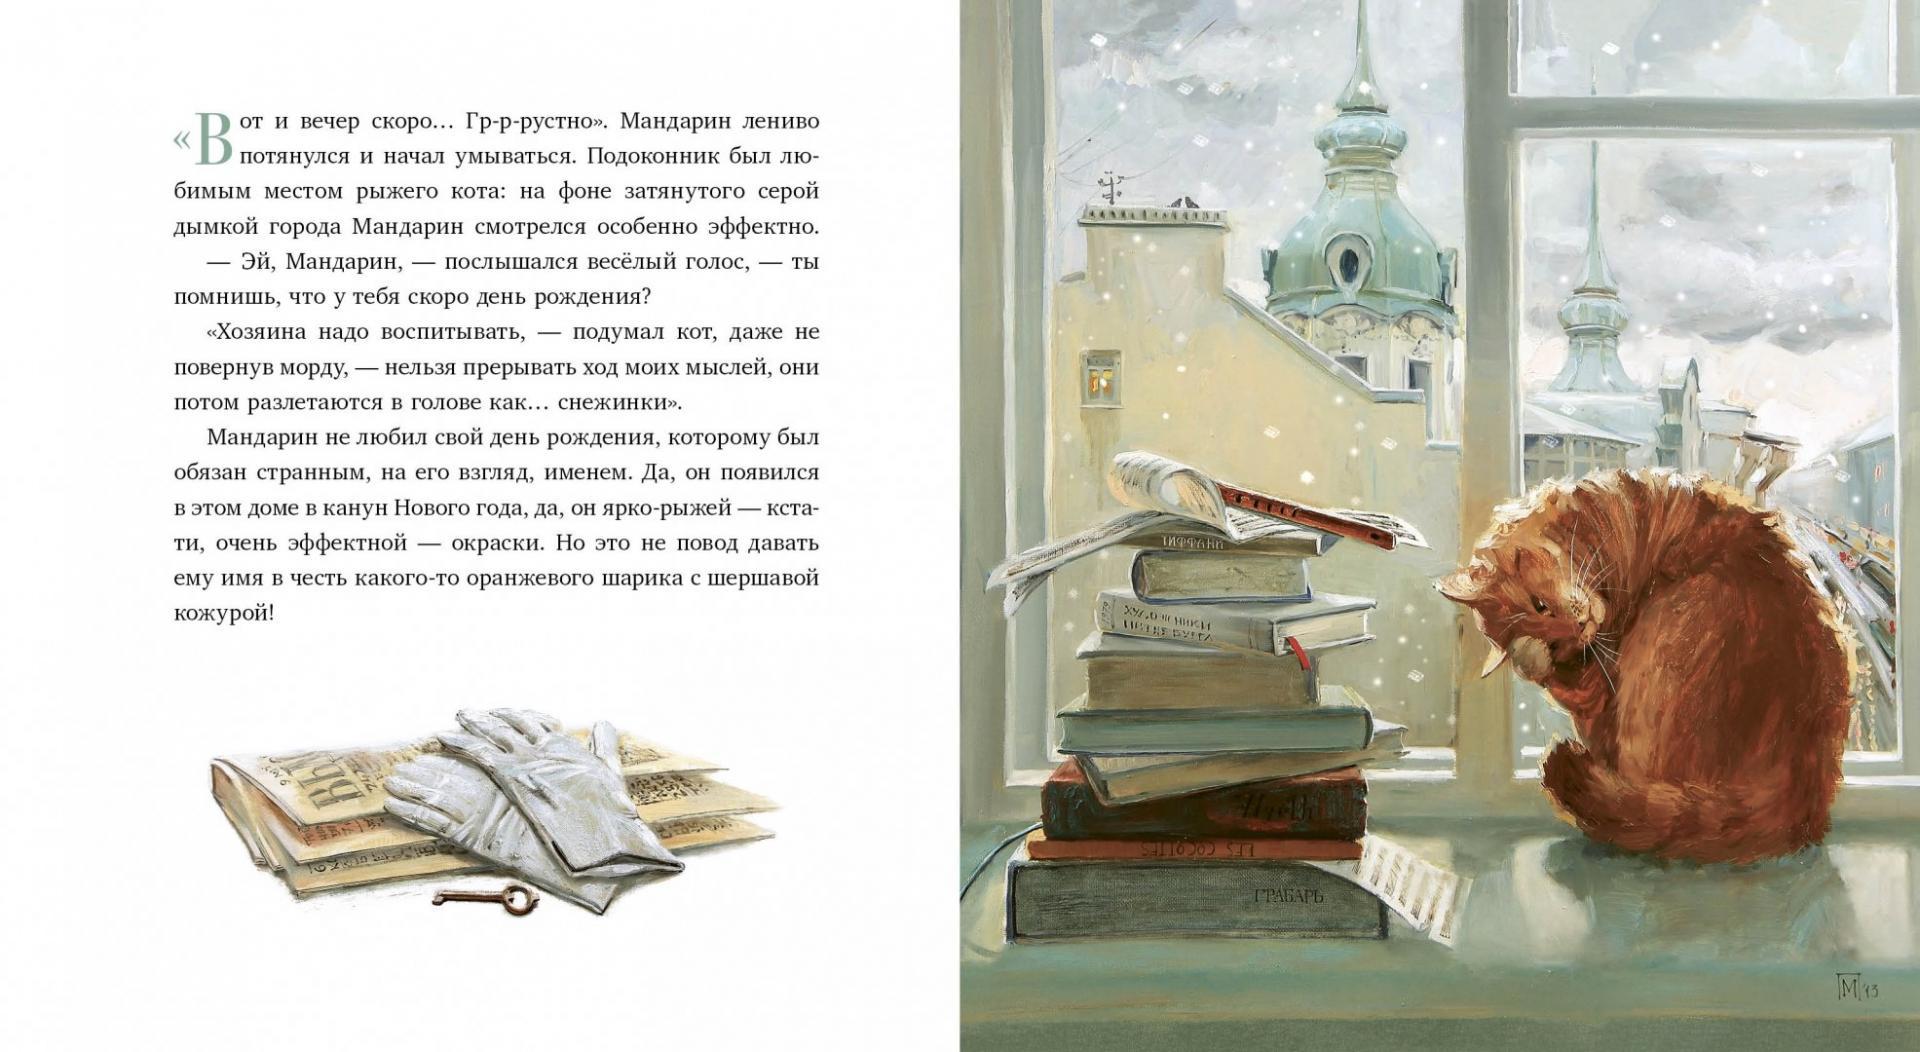 Иллюстрация 1 из 169 для Елка, кот и Новый год - Мартынова, Василиади | Лабиринт - книги. Источник: Лабиринт